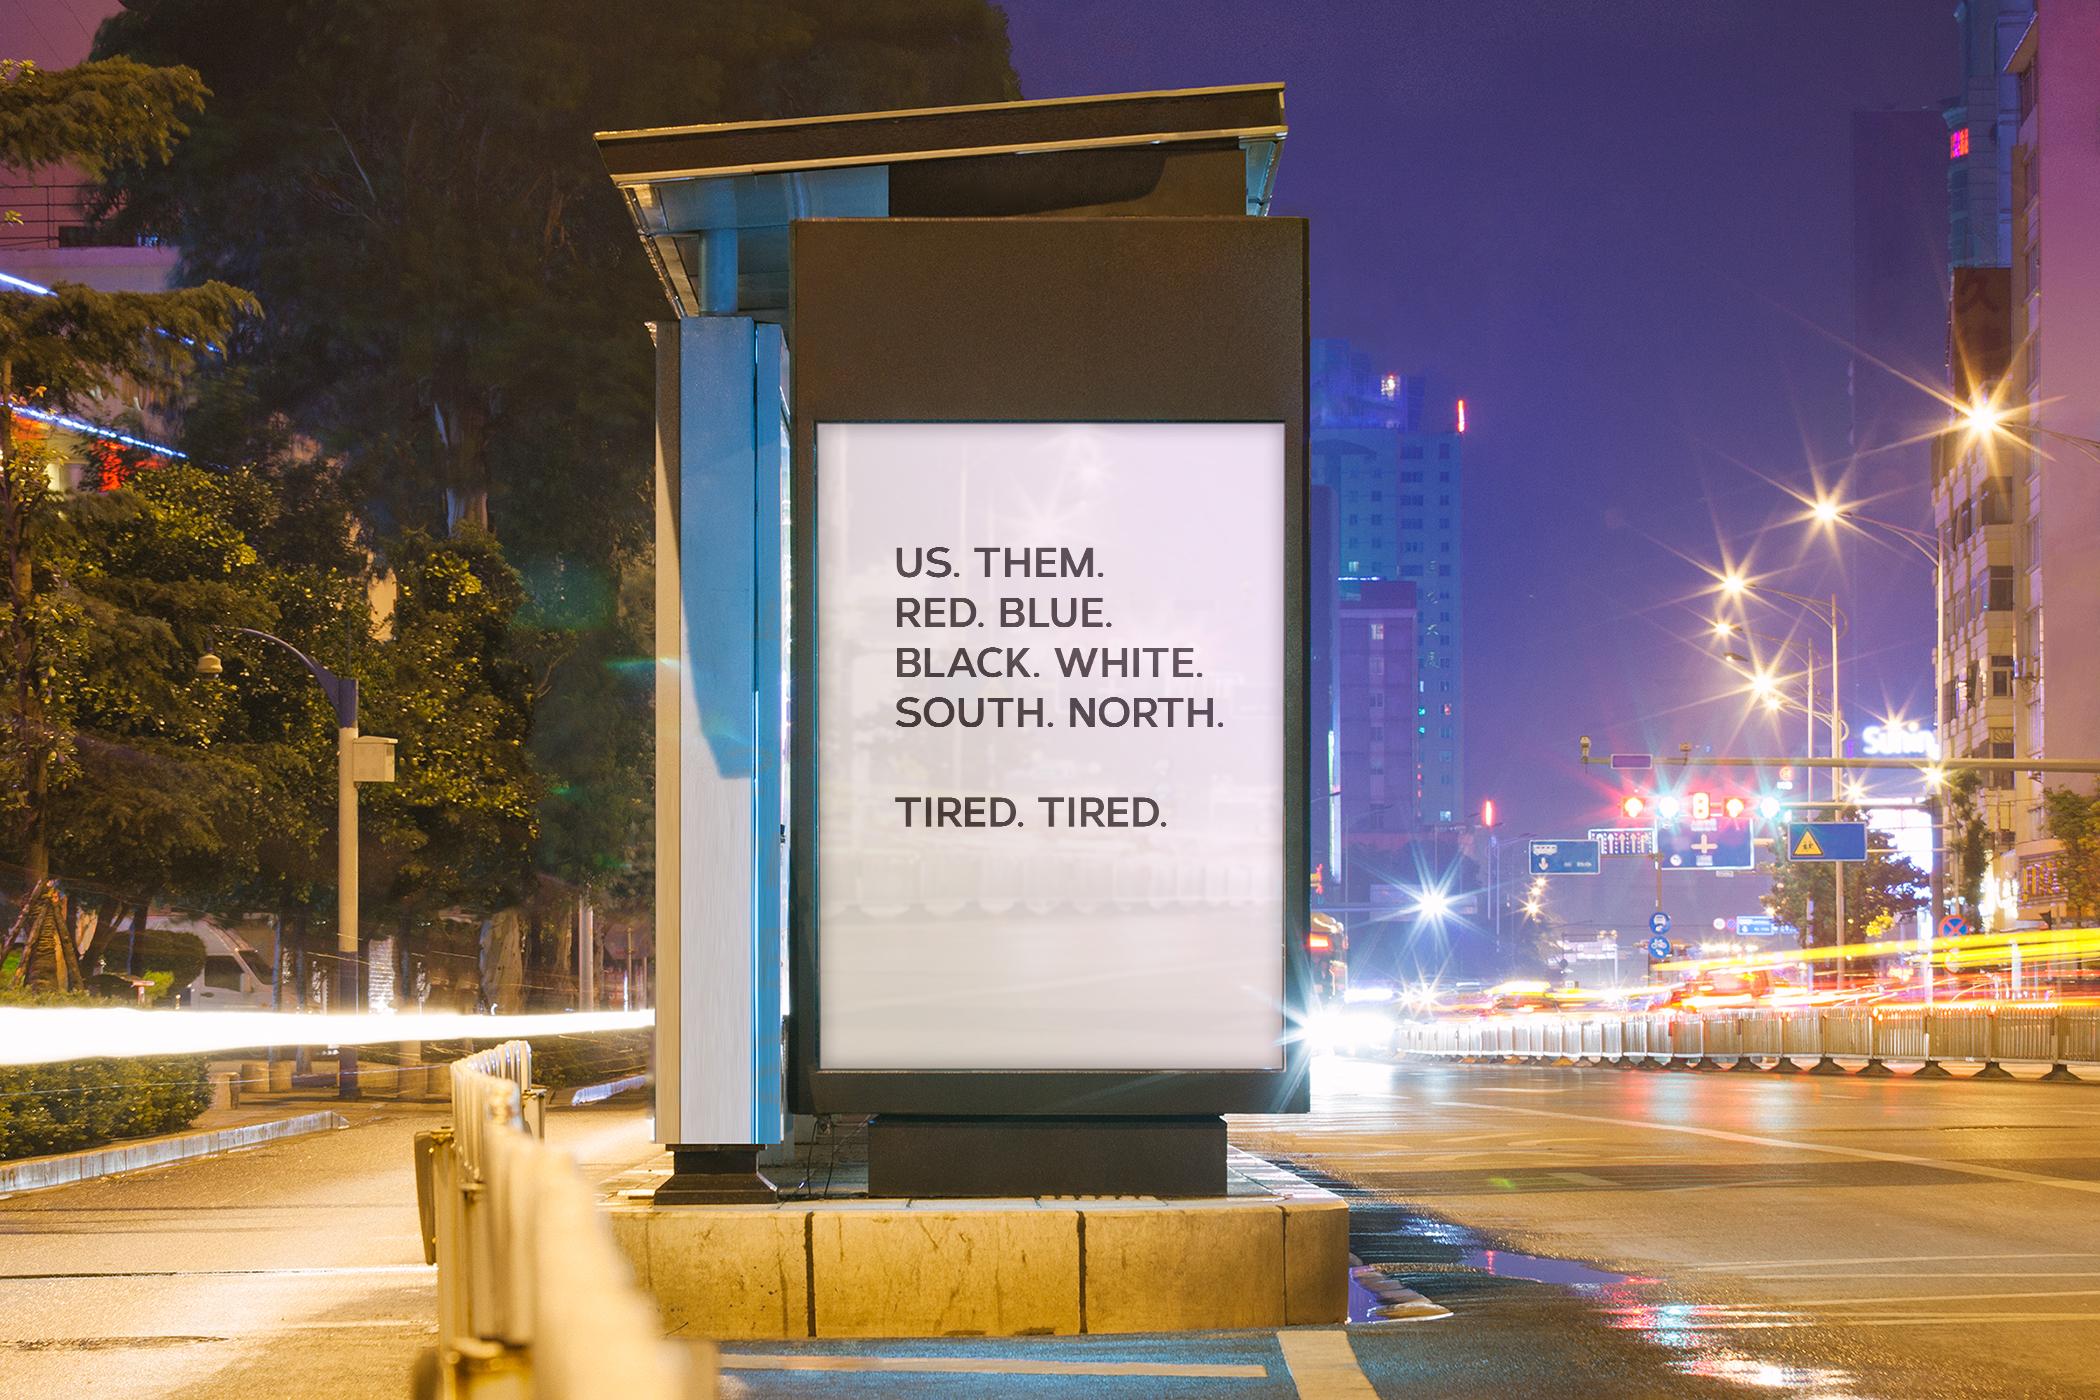 3D_billboard_7_NL_2100w.jpg